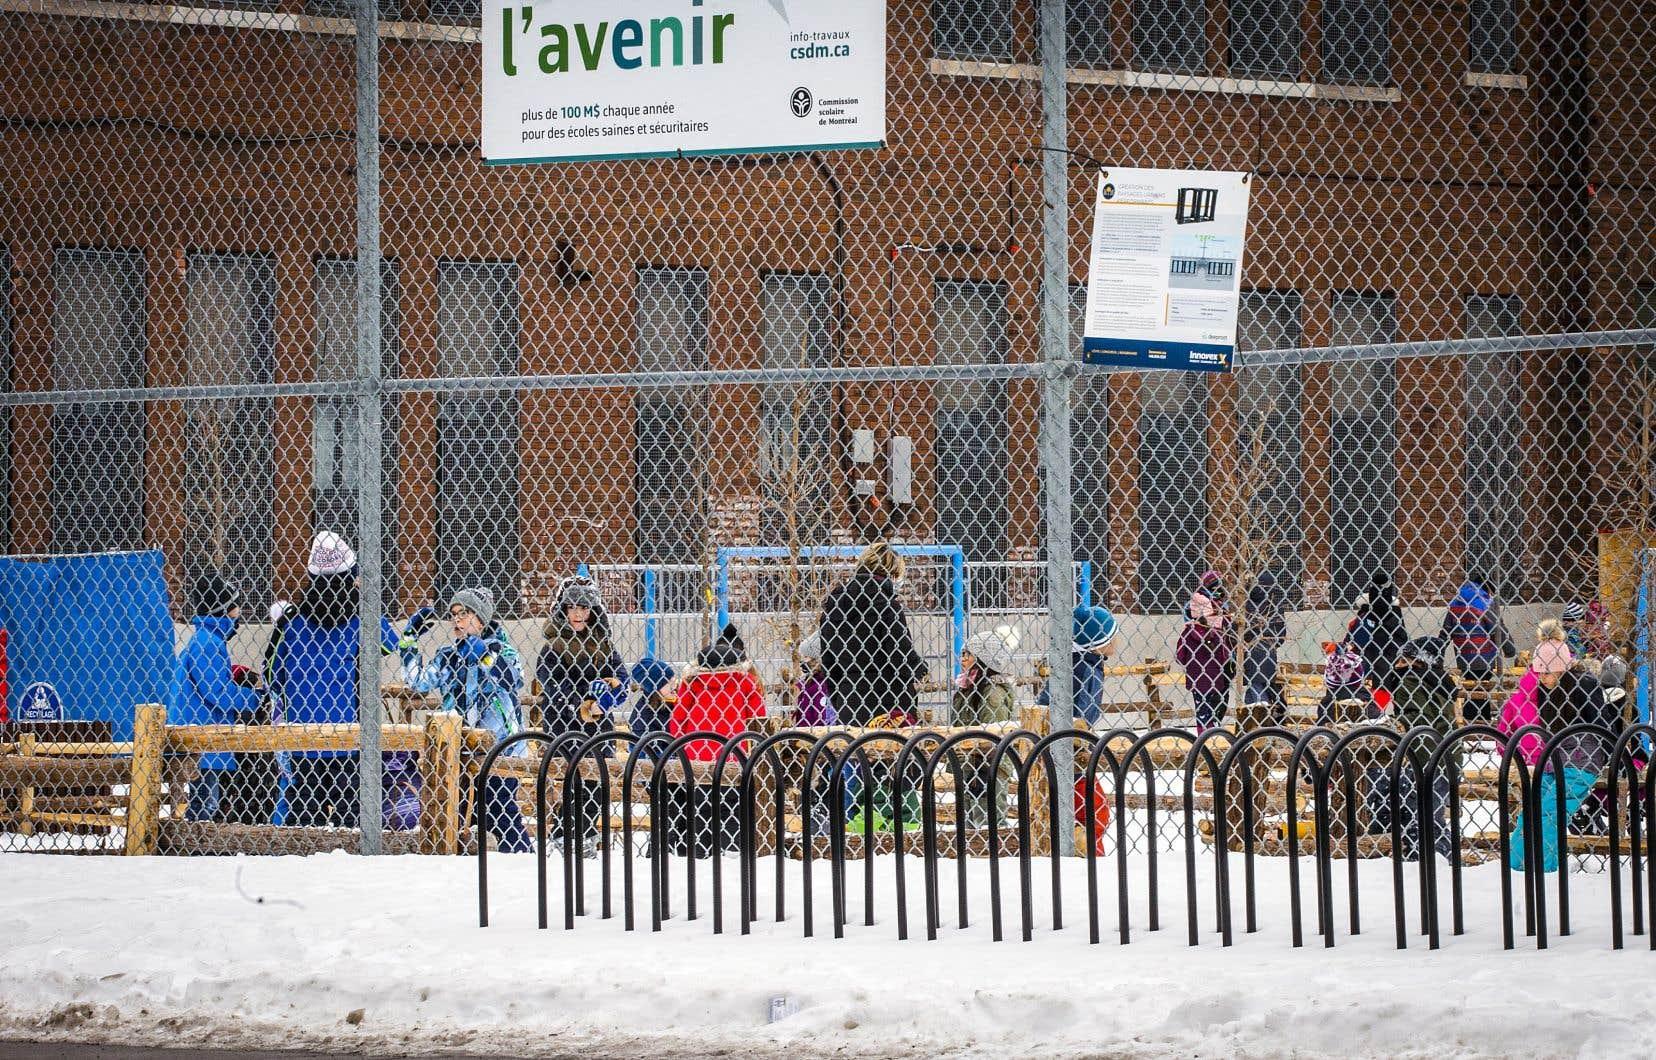 À l'école Saint-Pierre-Claver, àMontréal, le virus a forcé 78 enfants et membres du personnel infectés — et un nombre indéterminé de leurs proches — à se placer en isolement durant une partie du congé des Fêtes.